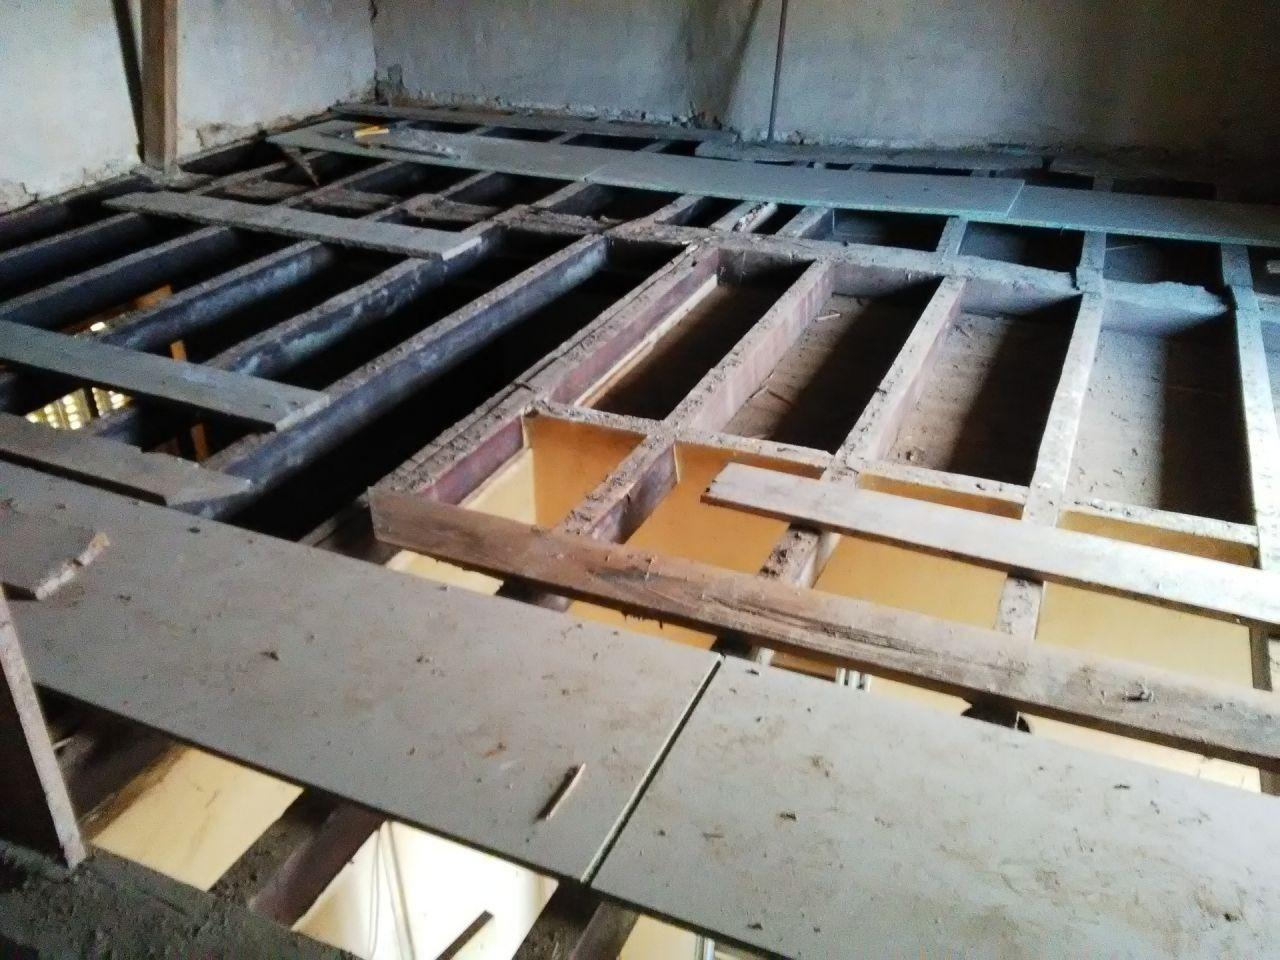 Nous avons enlevé le plancher au dessus de la cuisine et la chambre. Les solives et la poutre sont en bon état. <br /> - 12 solives sellées dans le mur 8 x 14 x 198 <br /> - 13 solives 8 x 14 x 336 (entraxe 50 cm) <br /> - poutre 35 x 35 x 640